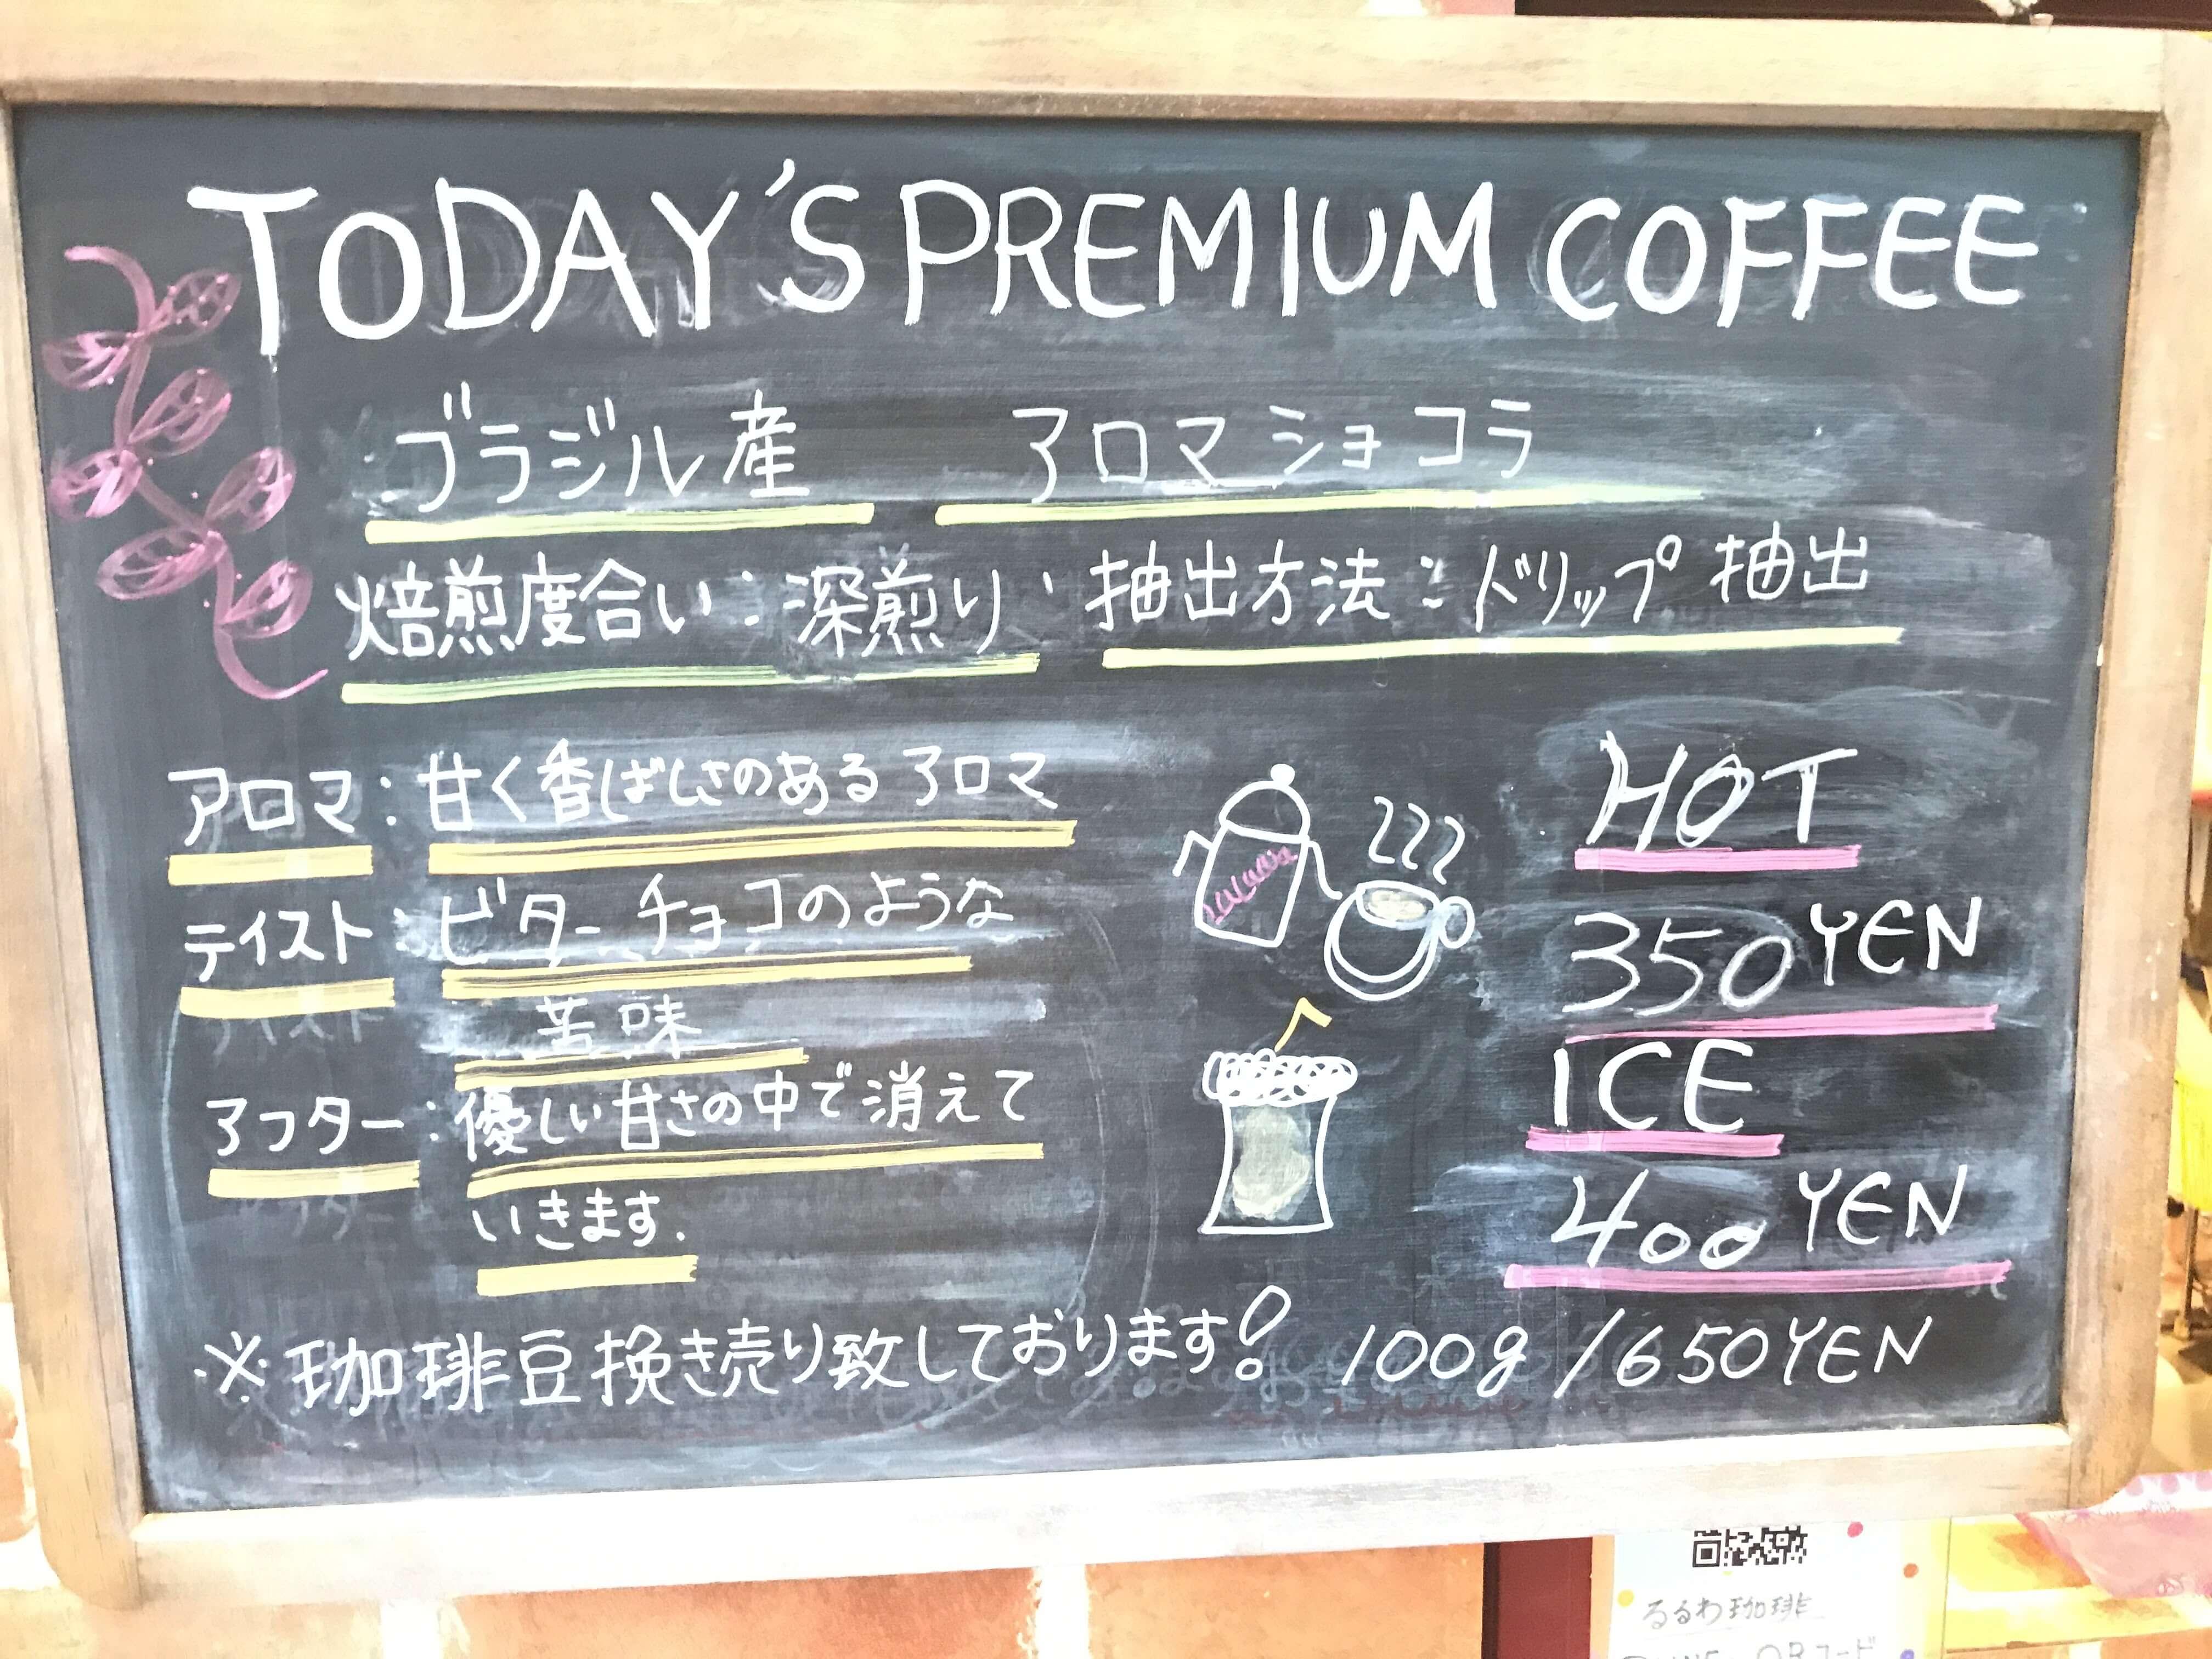 【おっぺしゃん】おんのじ系列の熊本ラーメン店。見覚えある店内にお腹いっぱい食べれるお店。